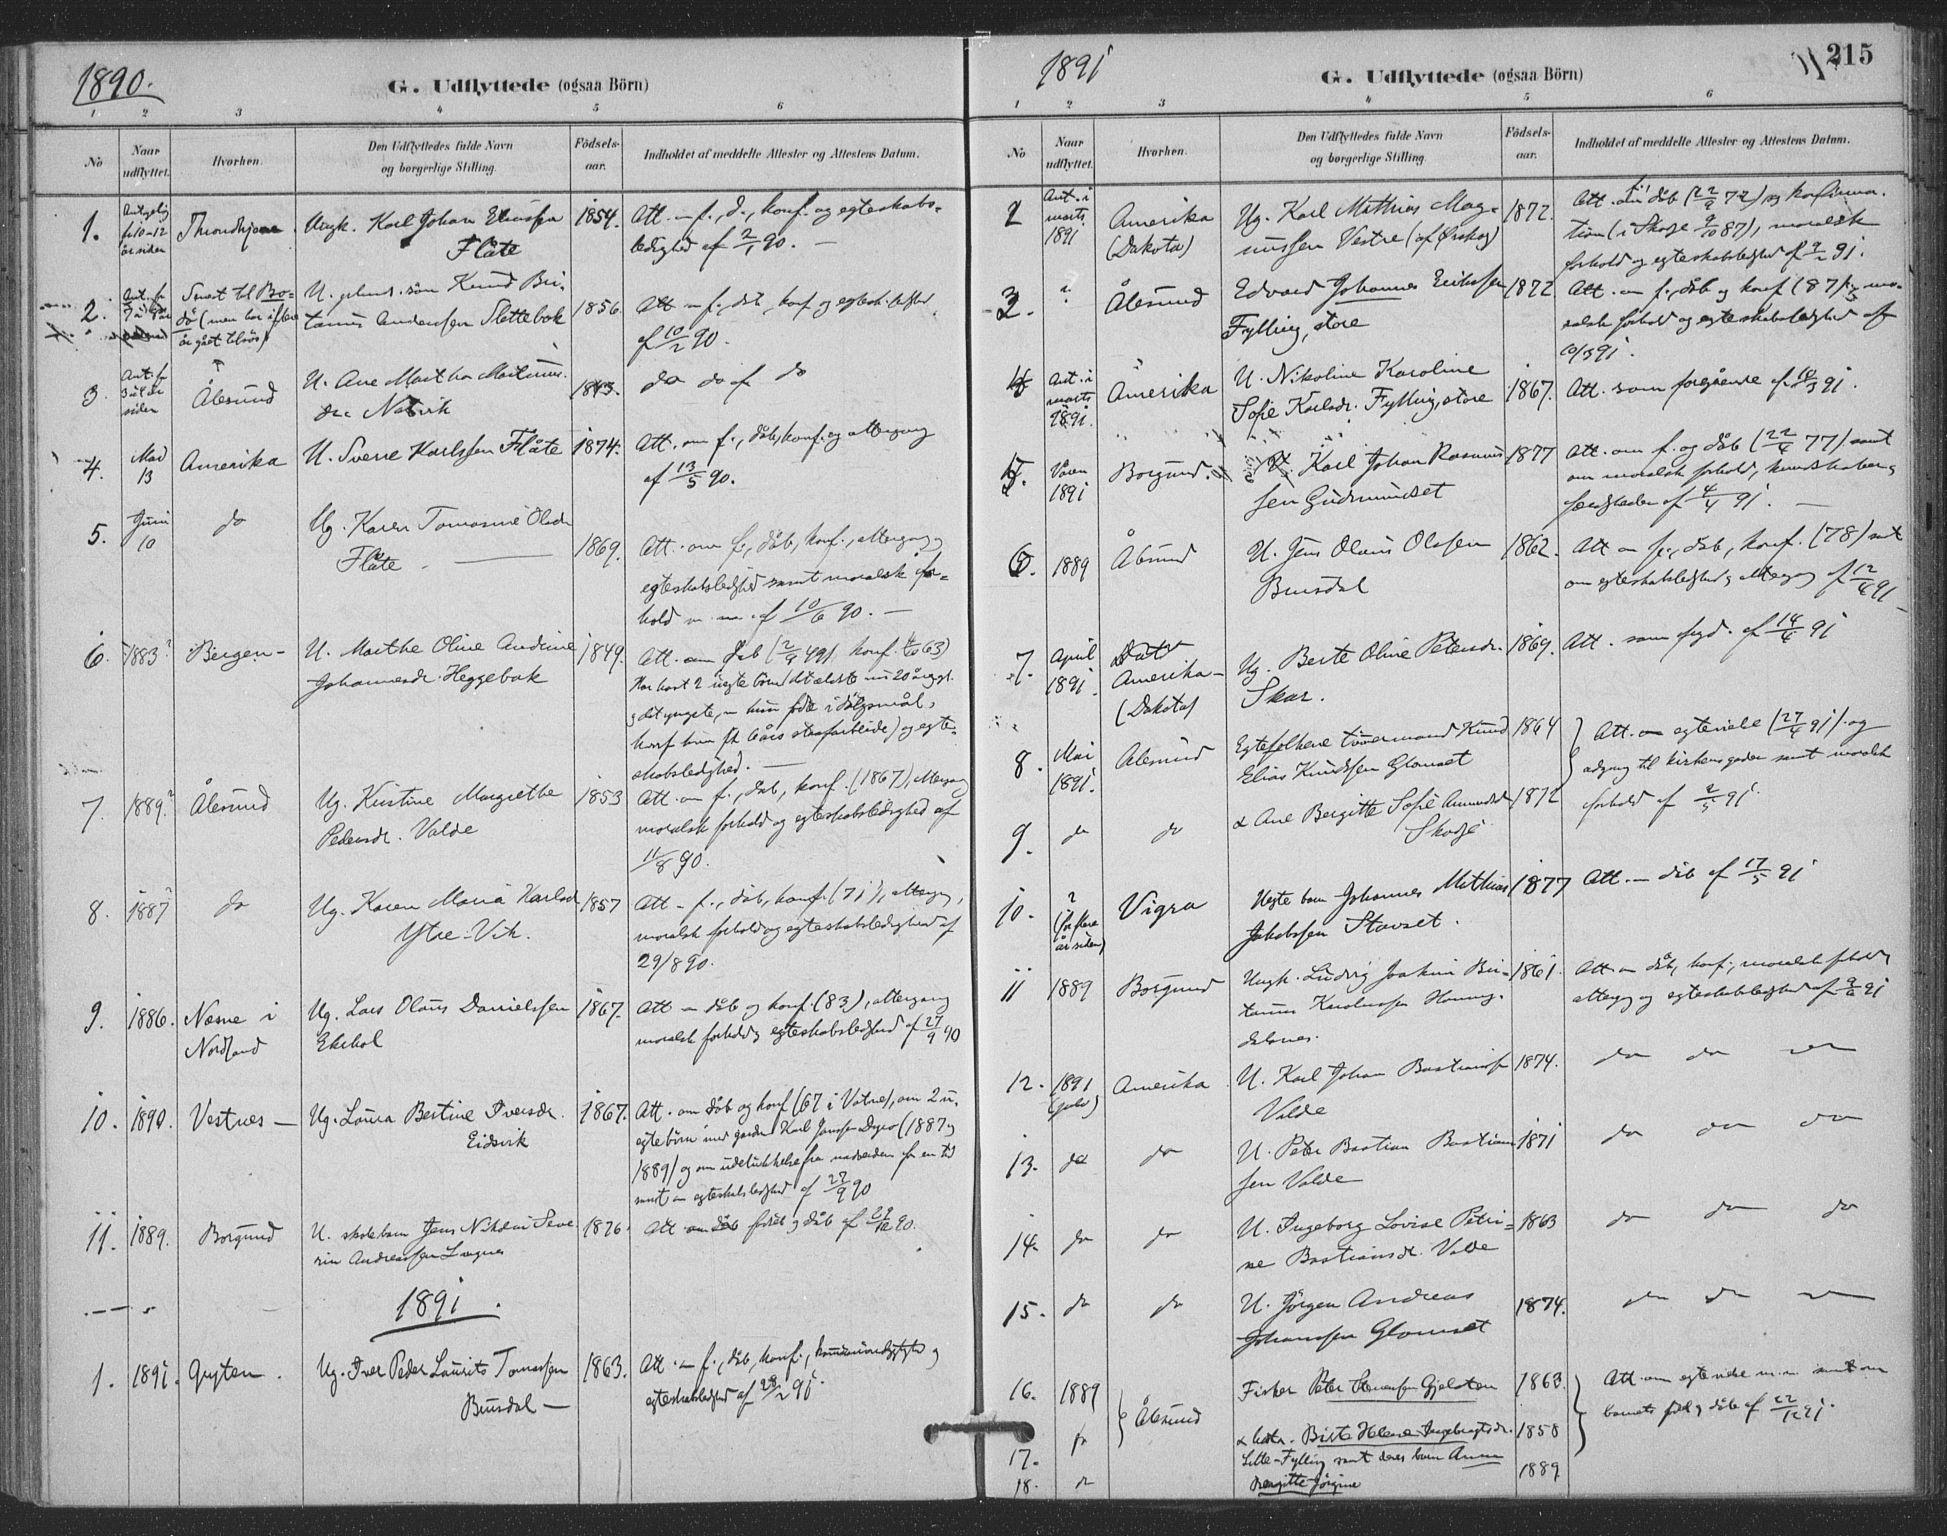 SAT, Ministerialprotokoller, klokkerbøker og fødselsregistre - Møre og Romsdal, 524/L0356: Ministerialbok nr. 524A08, 1880-1899, s. 215